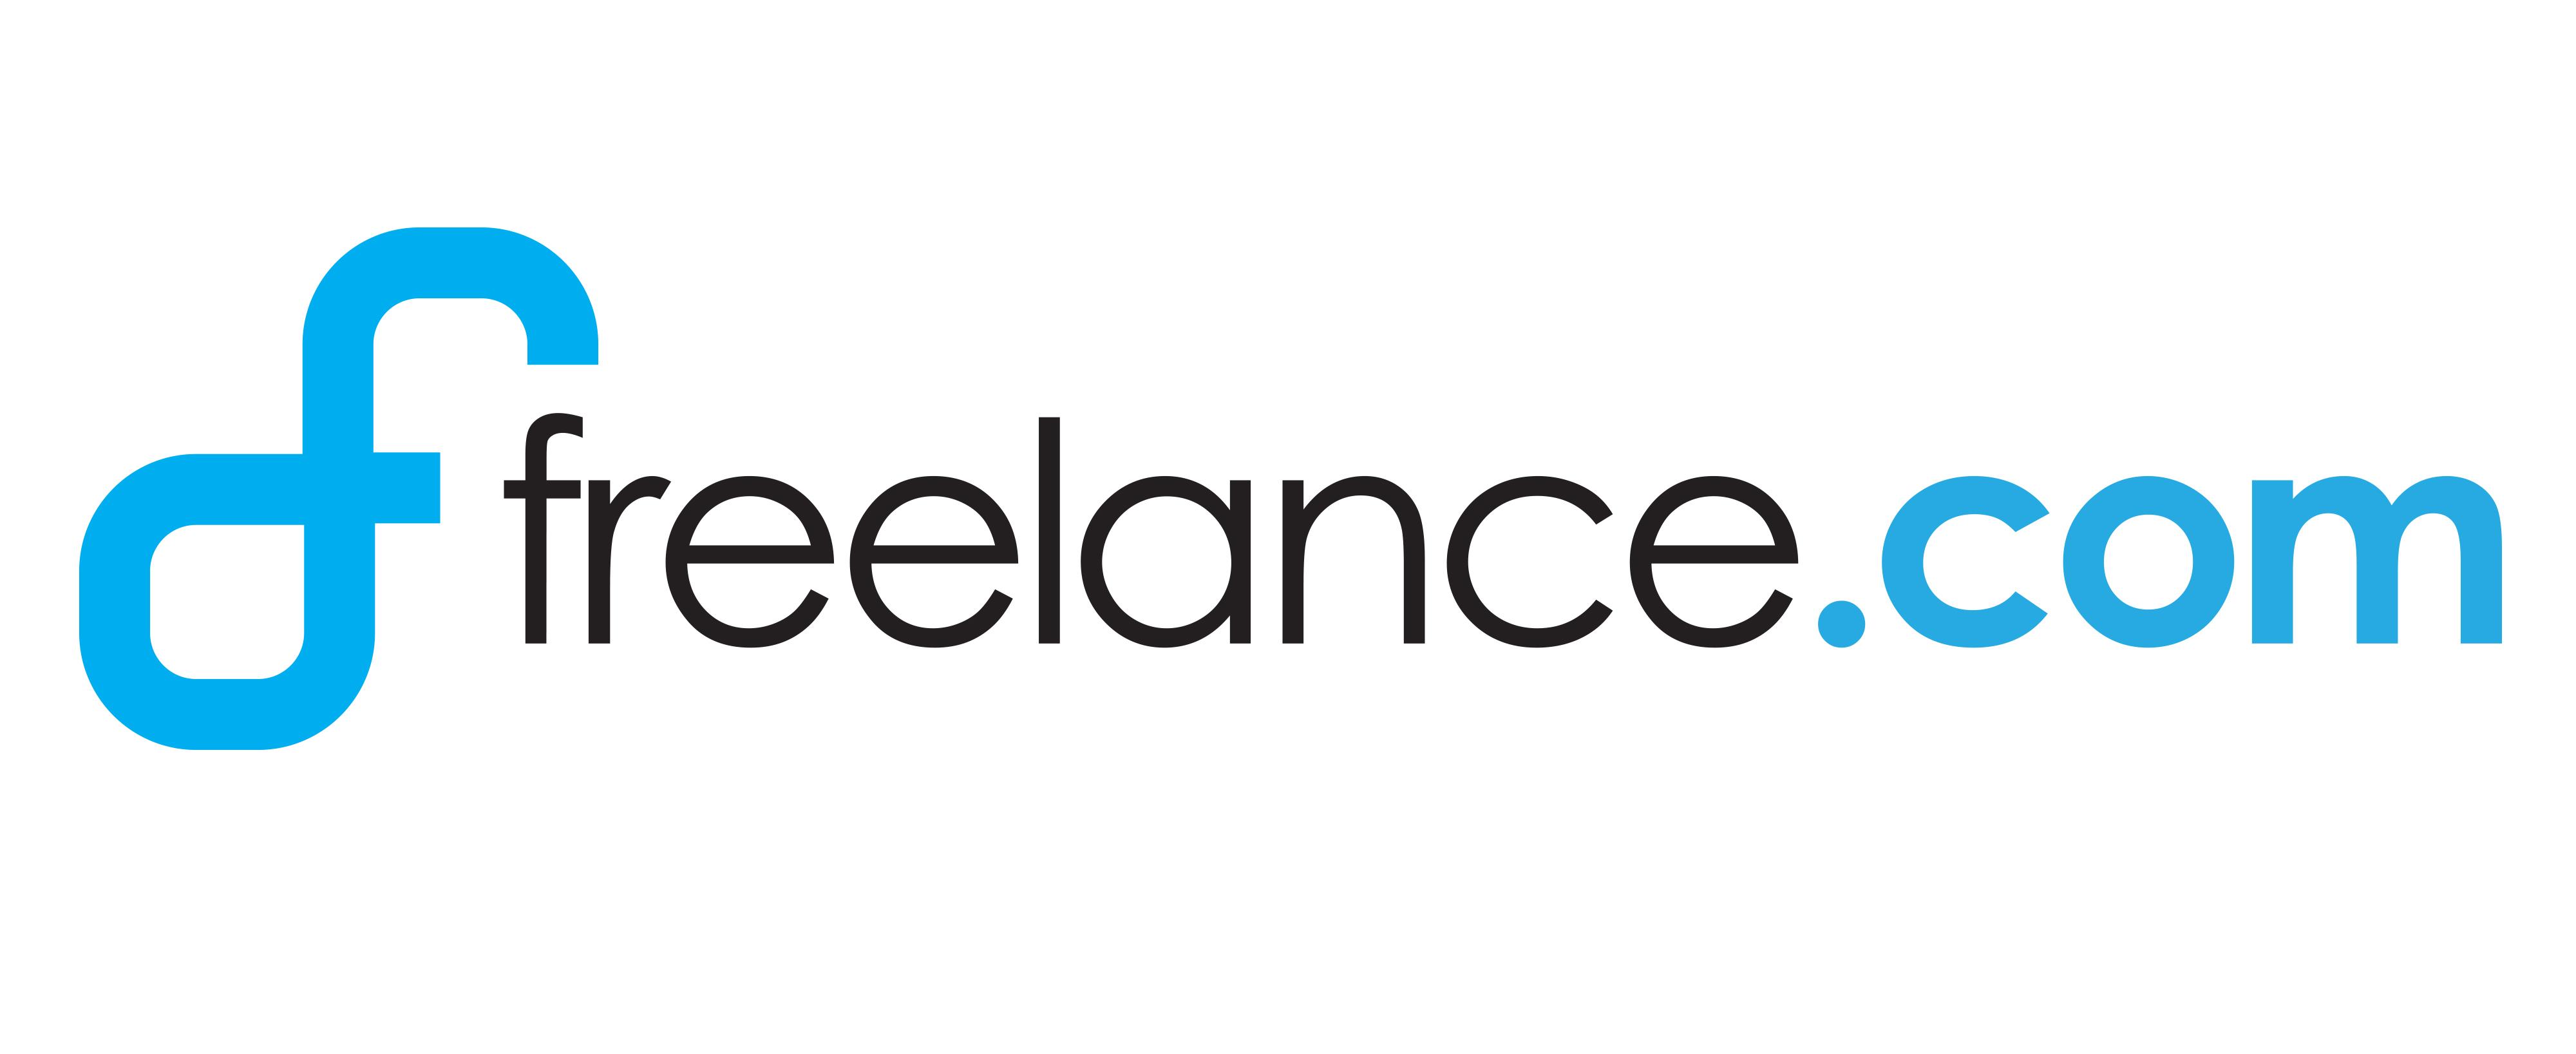 Le nouveau Freelance.com est arrivé !